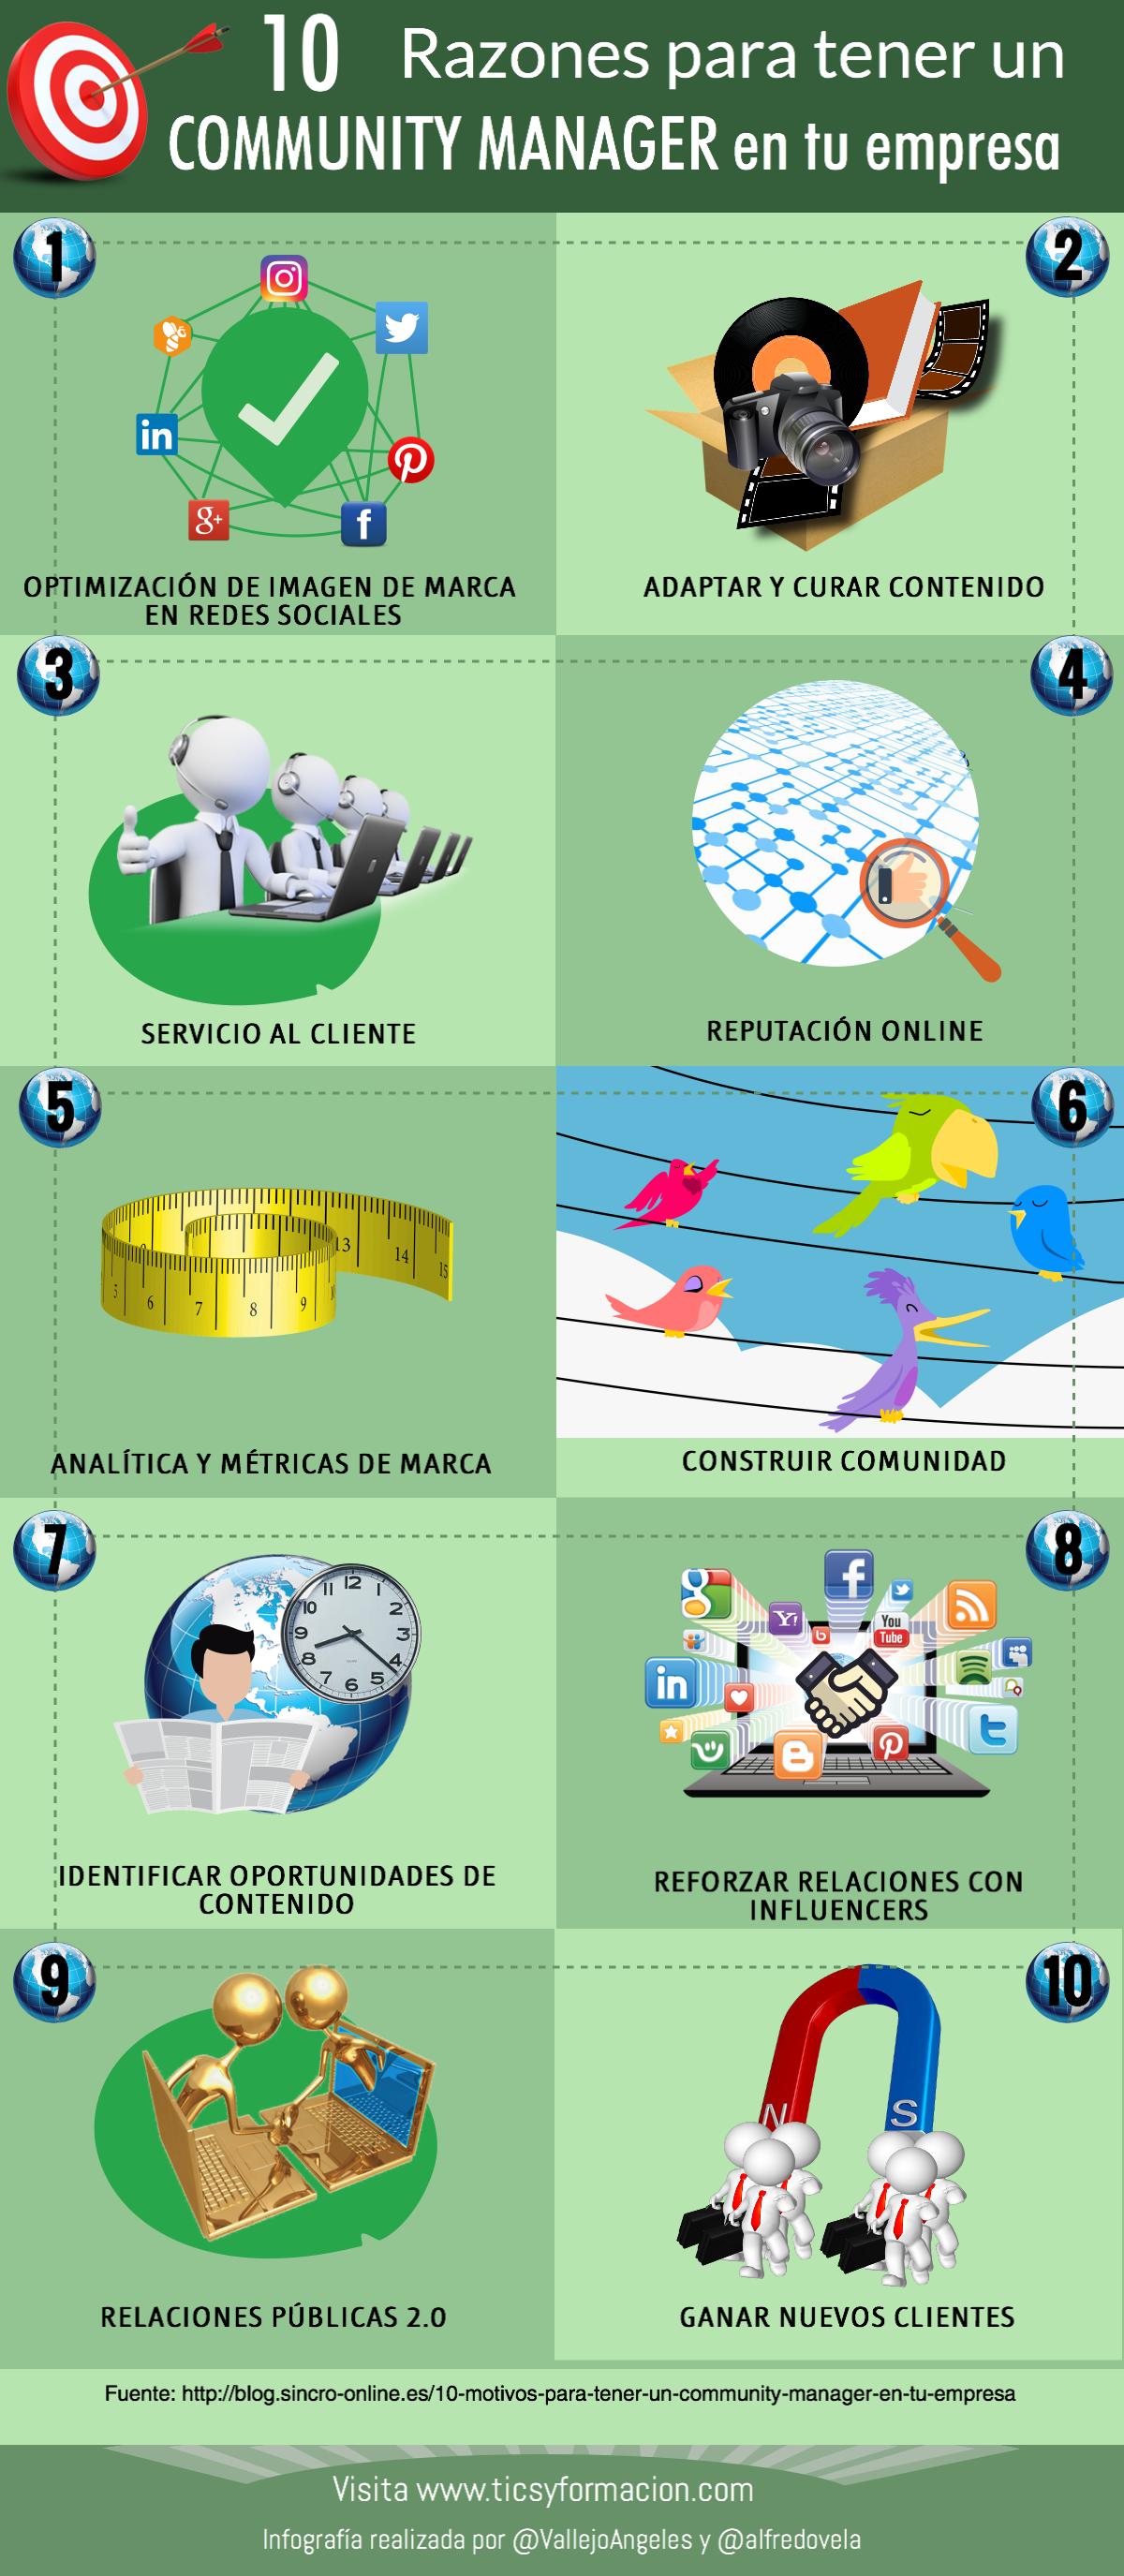 10 razones para tener un Community Manager en tu Empresa #infografia #socialmedia